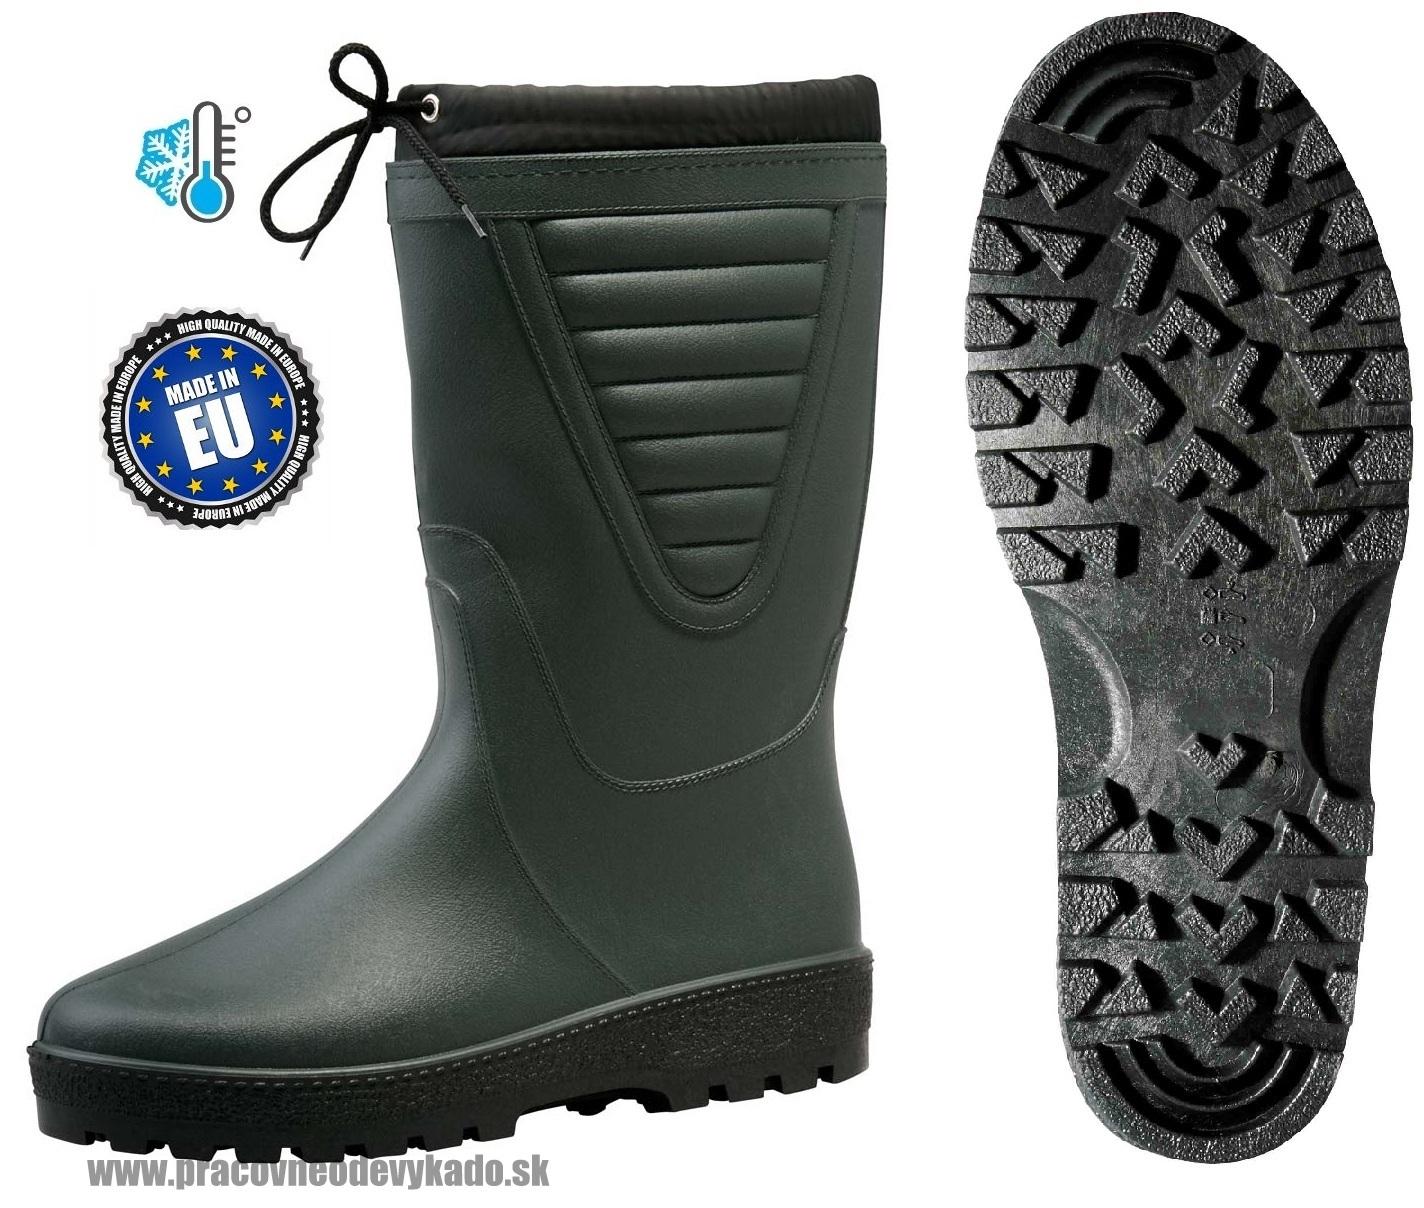 Pracovná obuv - Zateplené pracovné Čižmy POLAR 46f8fa0c266